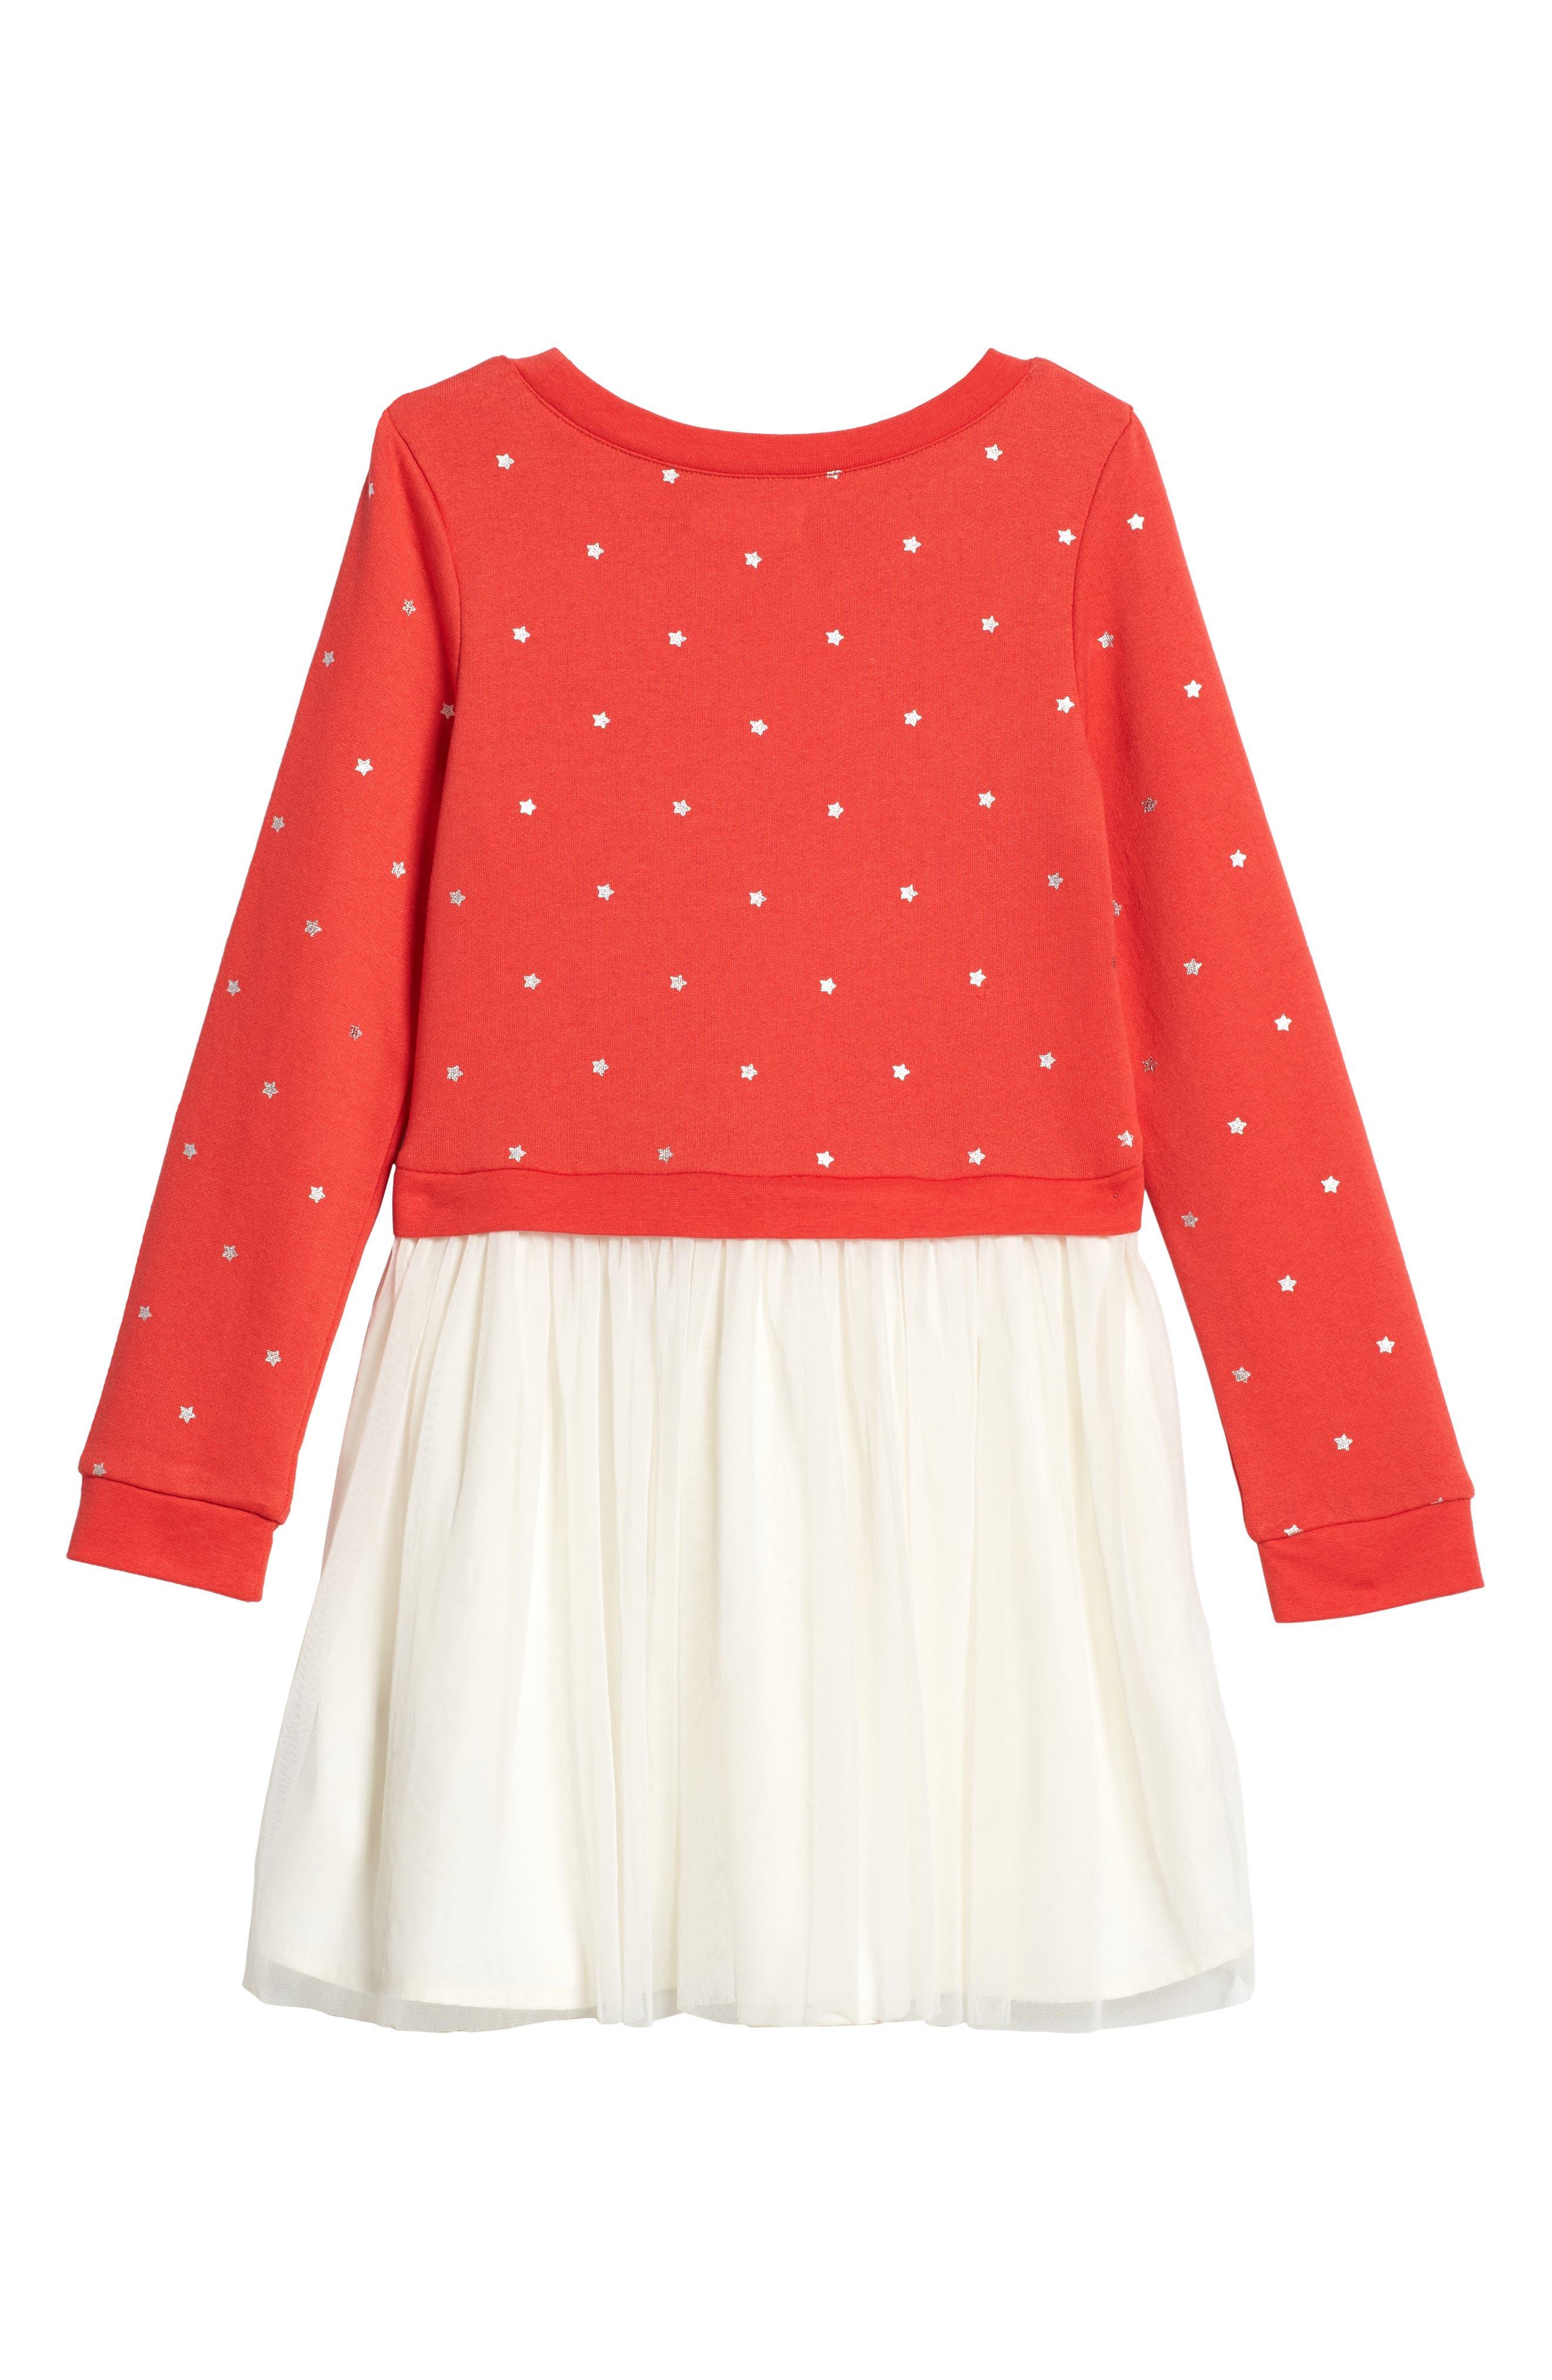 Tutu Dress,                             Alternate thumbnail 2, color,                             610